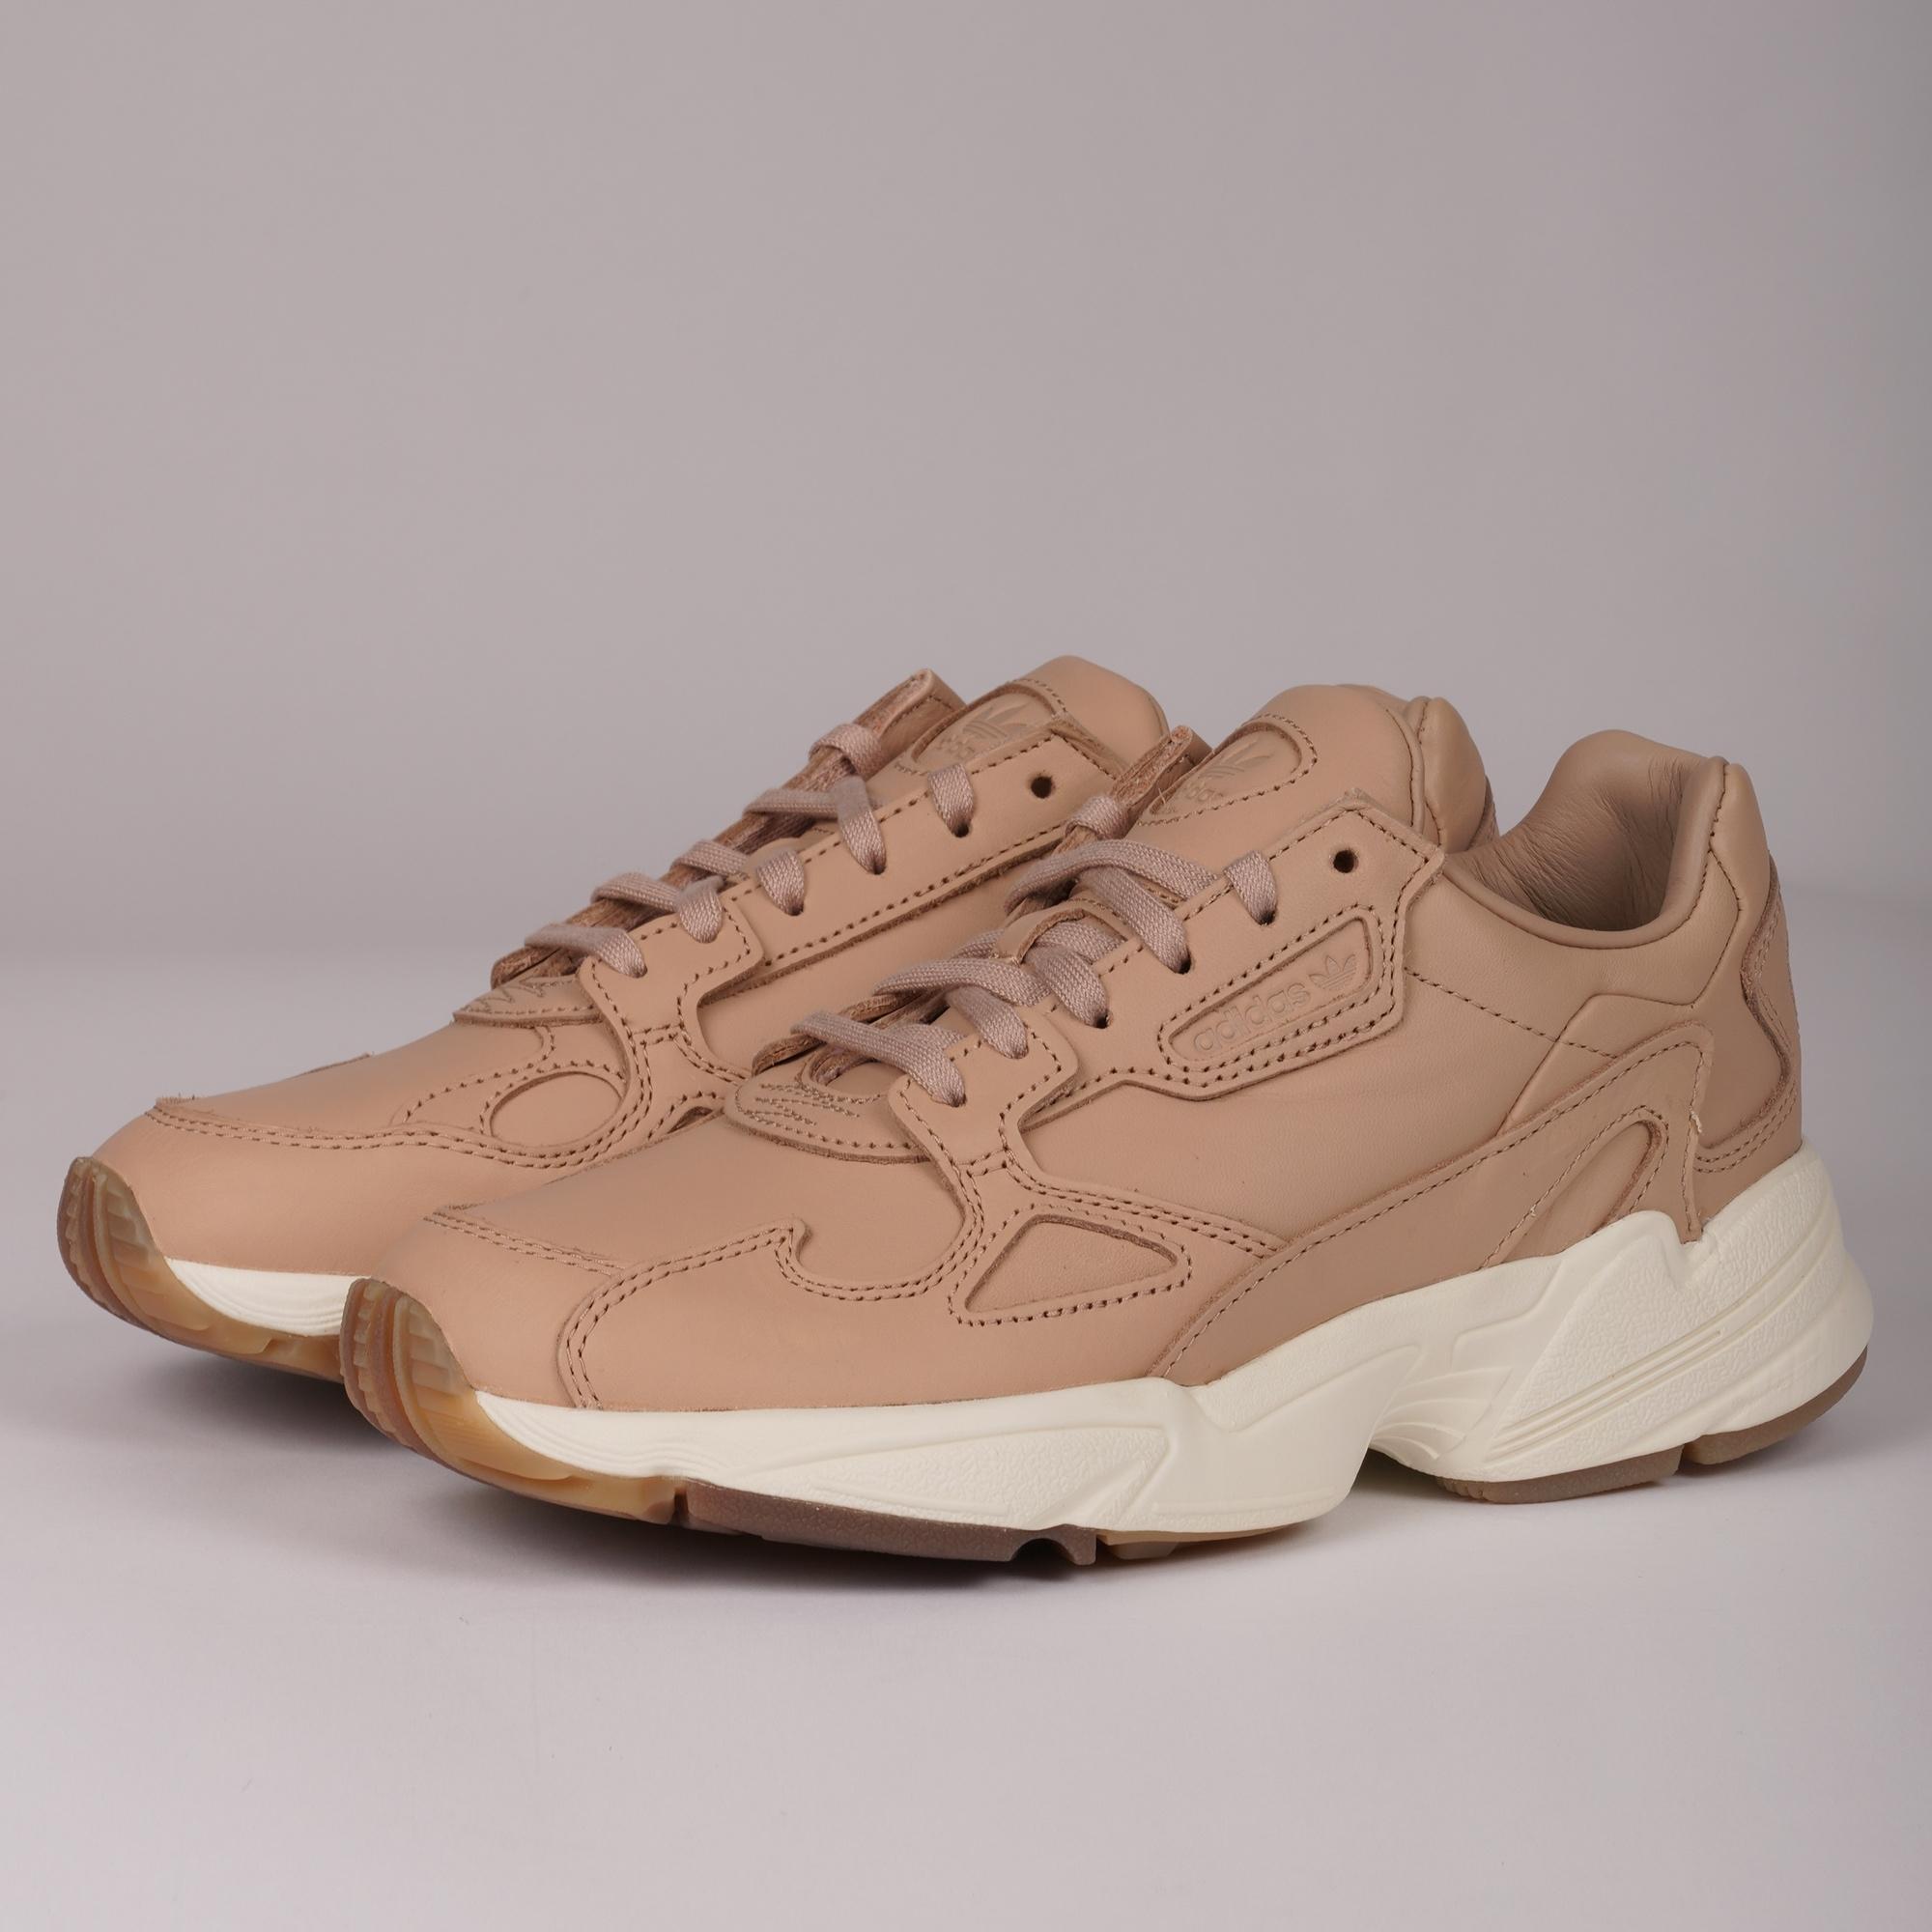 quality design 0e09d 17c99 adidas Originals. Mens Pink Falcon - Ash Pearl ...